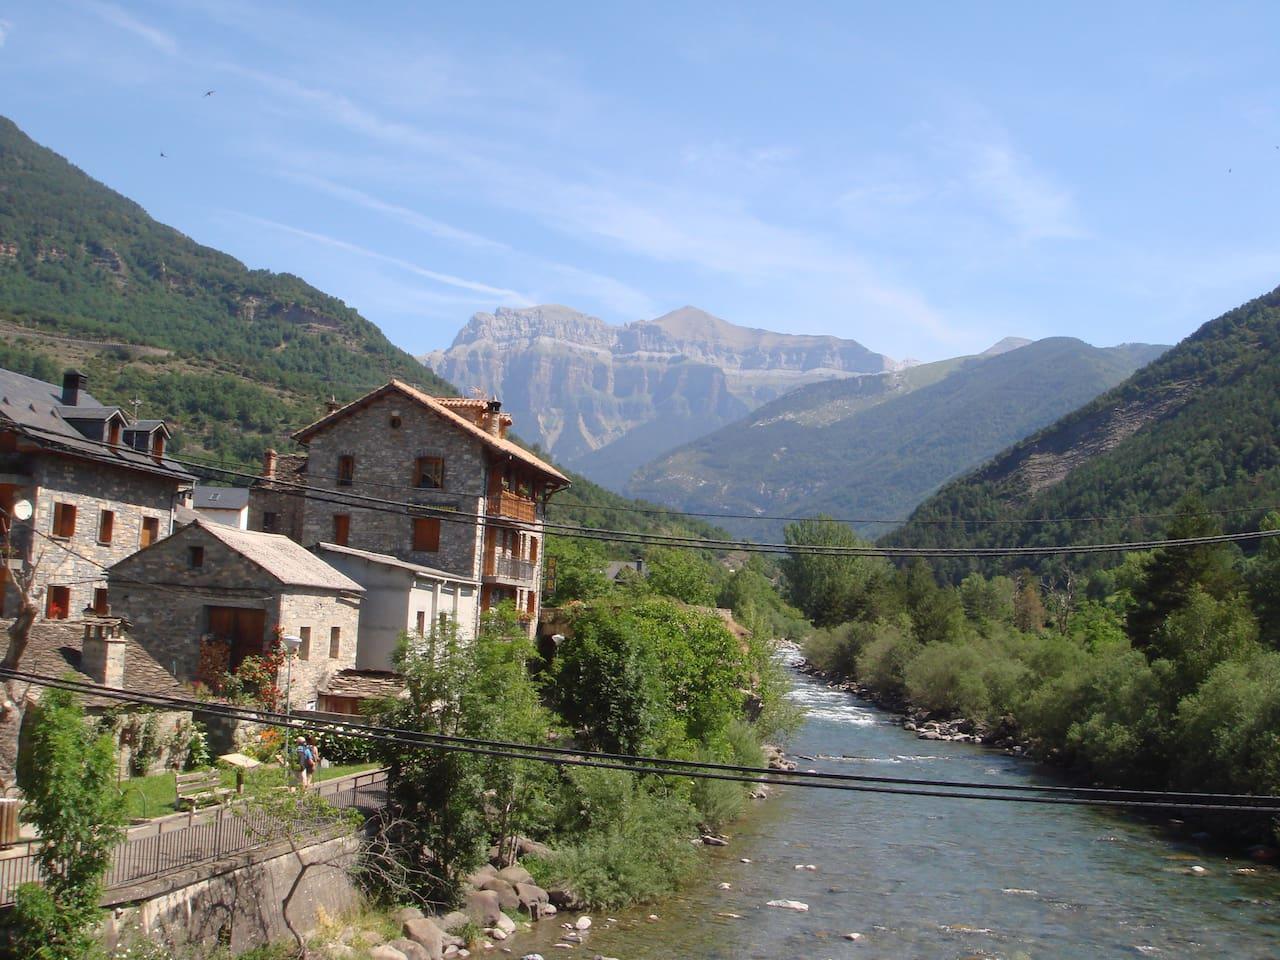 Vista desde el Puente del pueblo con la montaña de Mondarruego  al fondo.